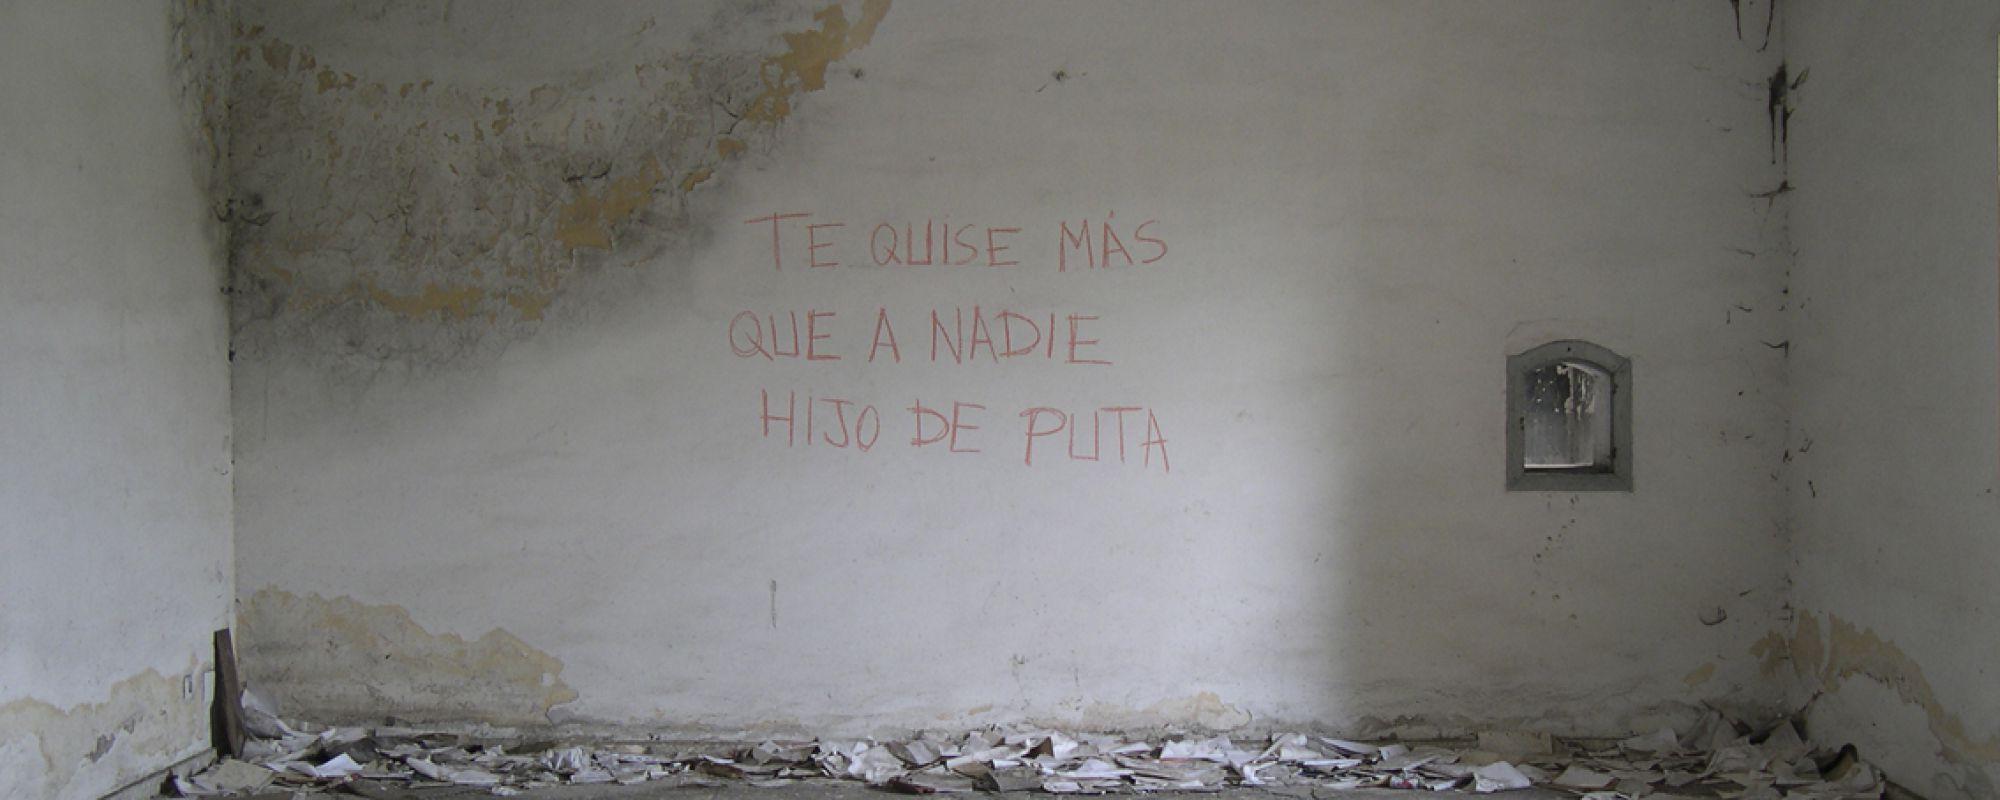 Antía Moure